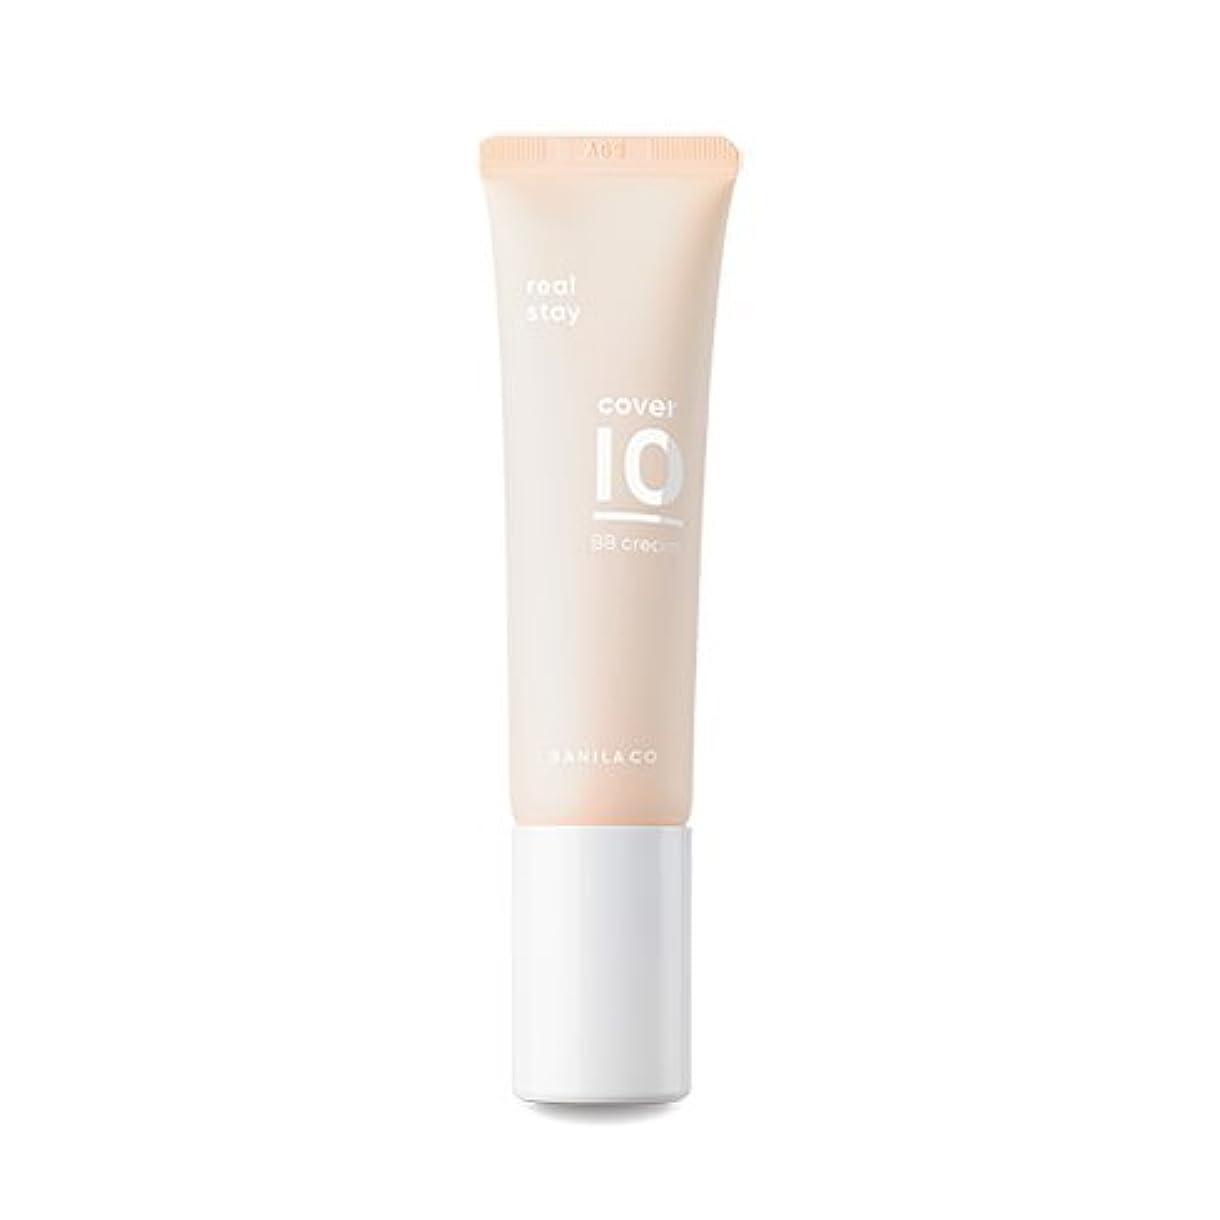 スチュワード妻特異な[Renewal] BANILA CO Cover 10 Real Stay BB Cream 30ml/バニラコ カバー 10 リアル ステイ BBクリーム 30ml (#Light Beige) [並行輸入品]